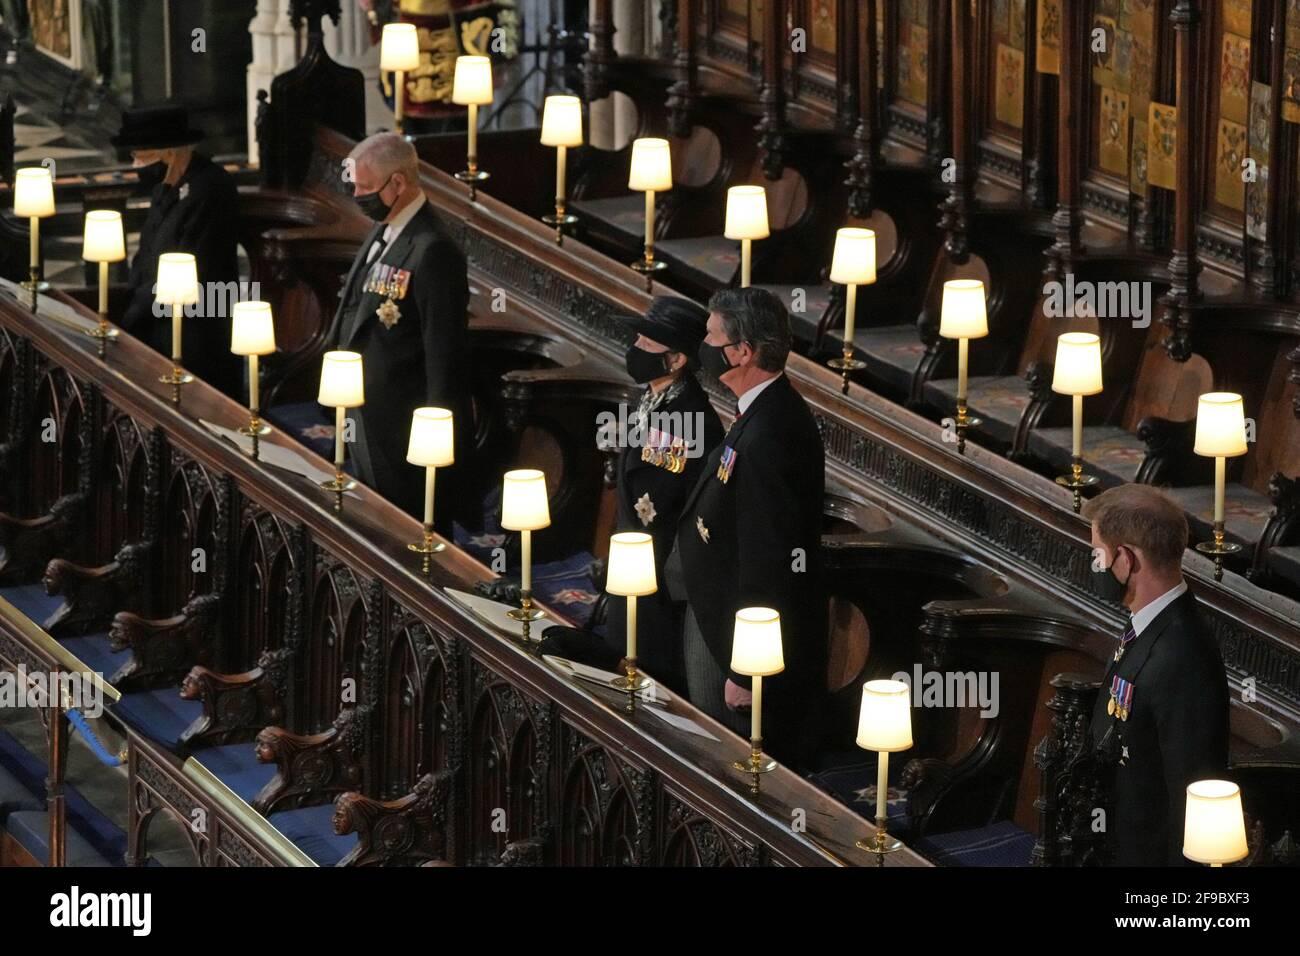 (Von links nach rechts) Königin Elizabeth II. , der Herzog von York, die Prinzessin Royal, Vizeadmiral Sir Timothy Laurence und der Herzog von Sussex während der Beerdigung des Herzogs von Edinburgh in St. George's Chapel, Windsor Castle, Berkshire. Bilddatum: Samstag, 17. April 2021. Stockfoto